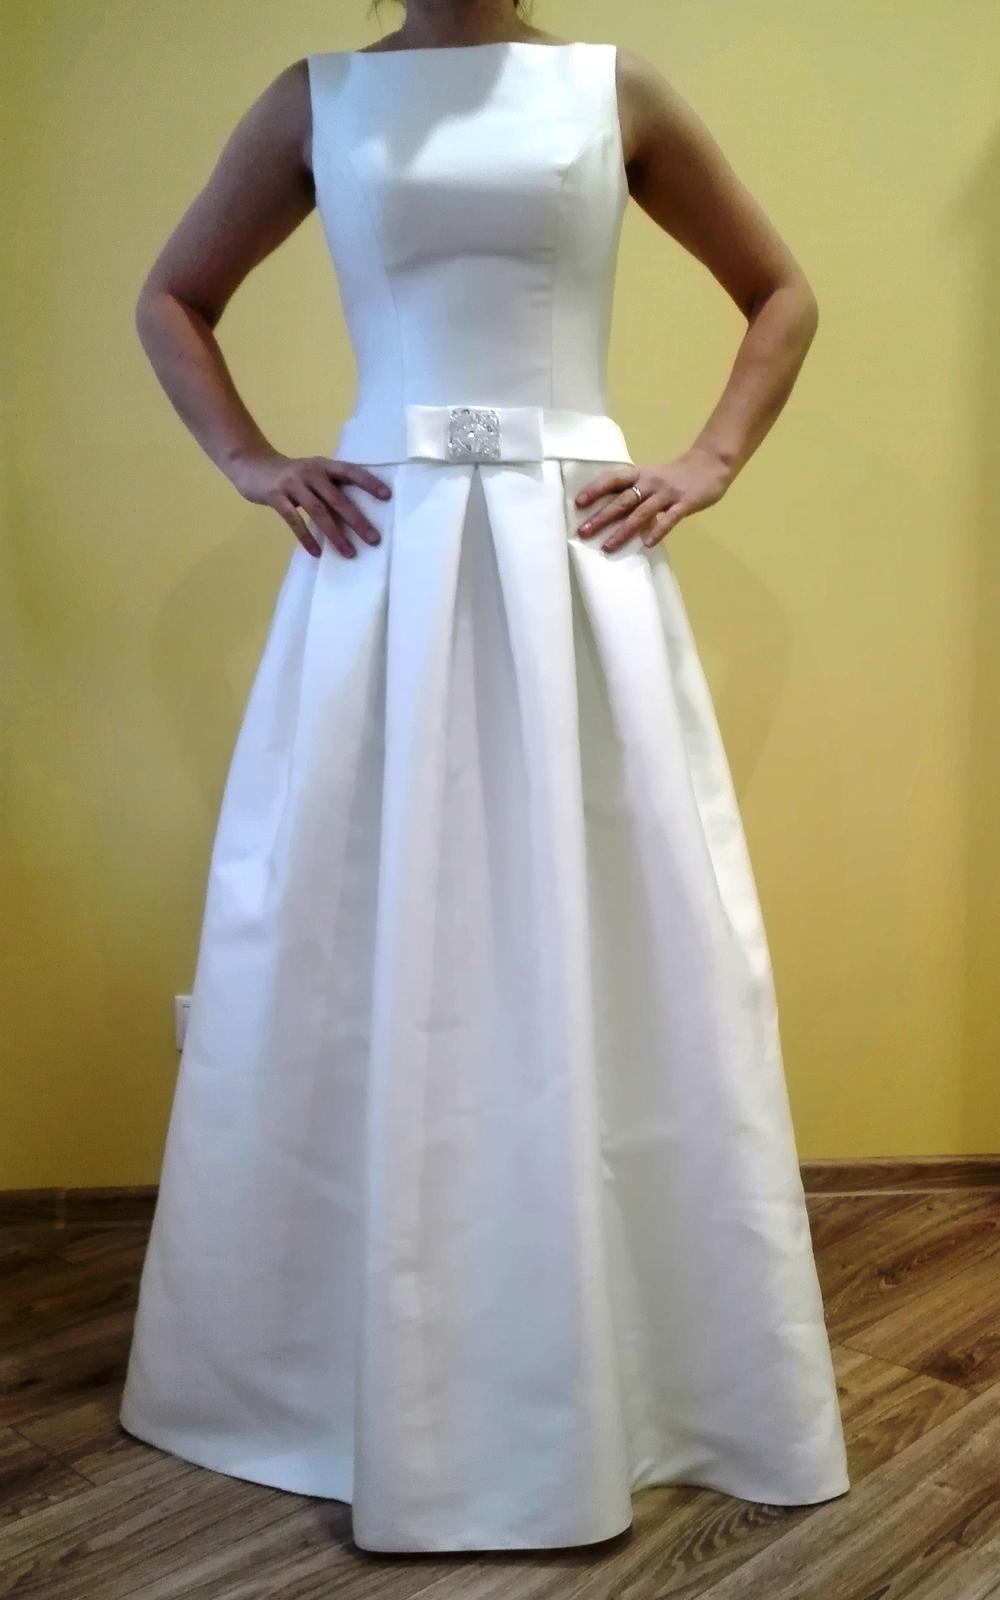 Rafinovane jednoduché svadobné šaty - Obrázok č. 1